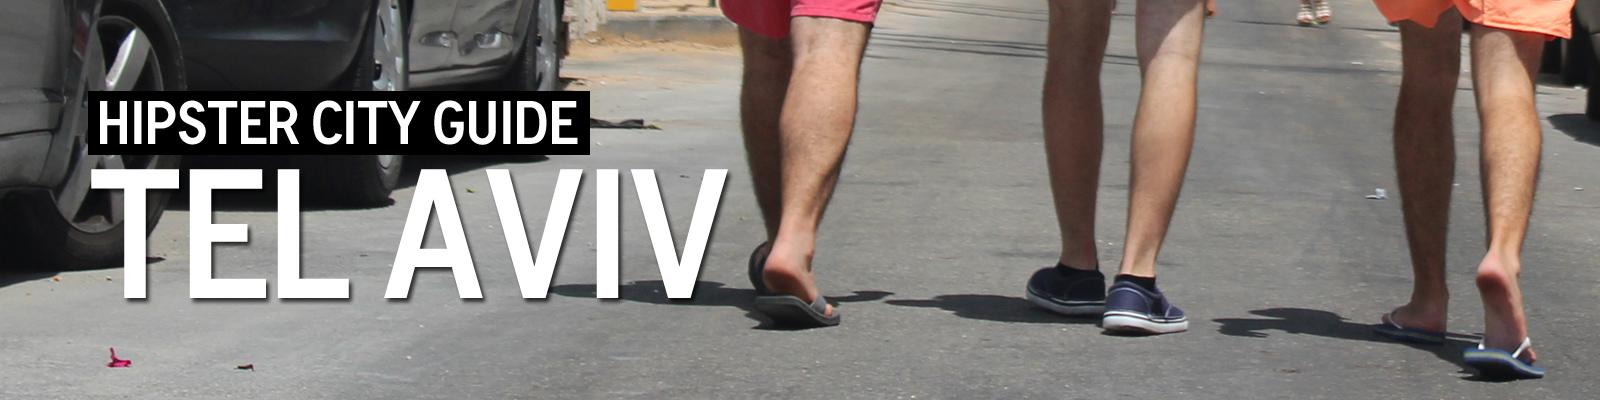 Tel Aviv Hipster City Guide